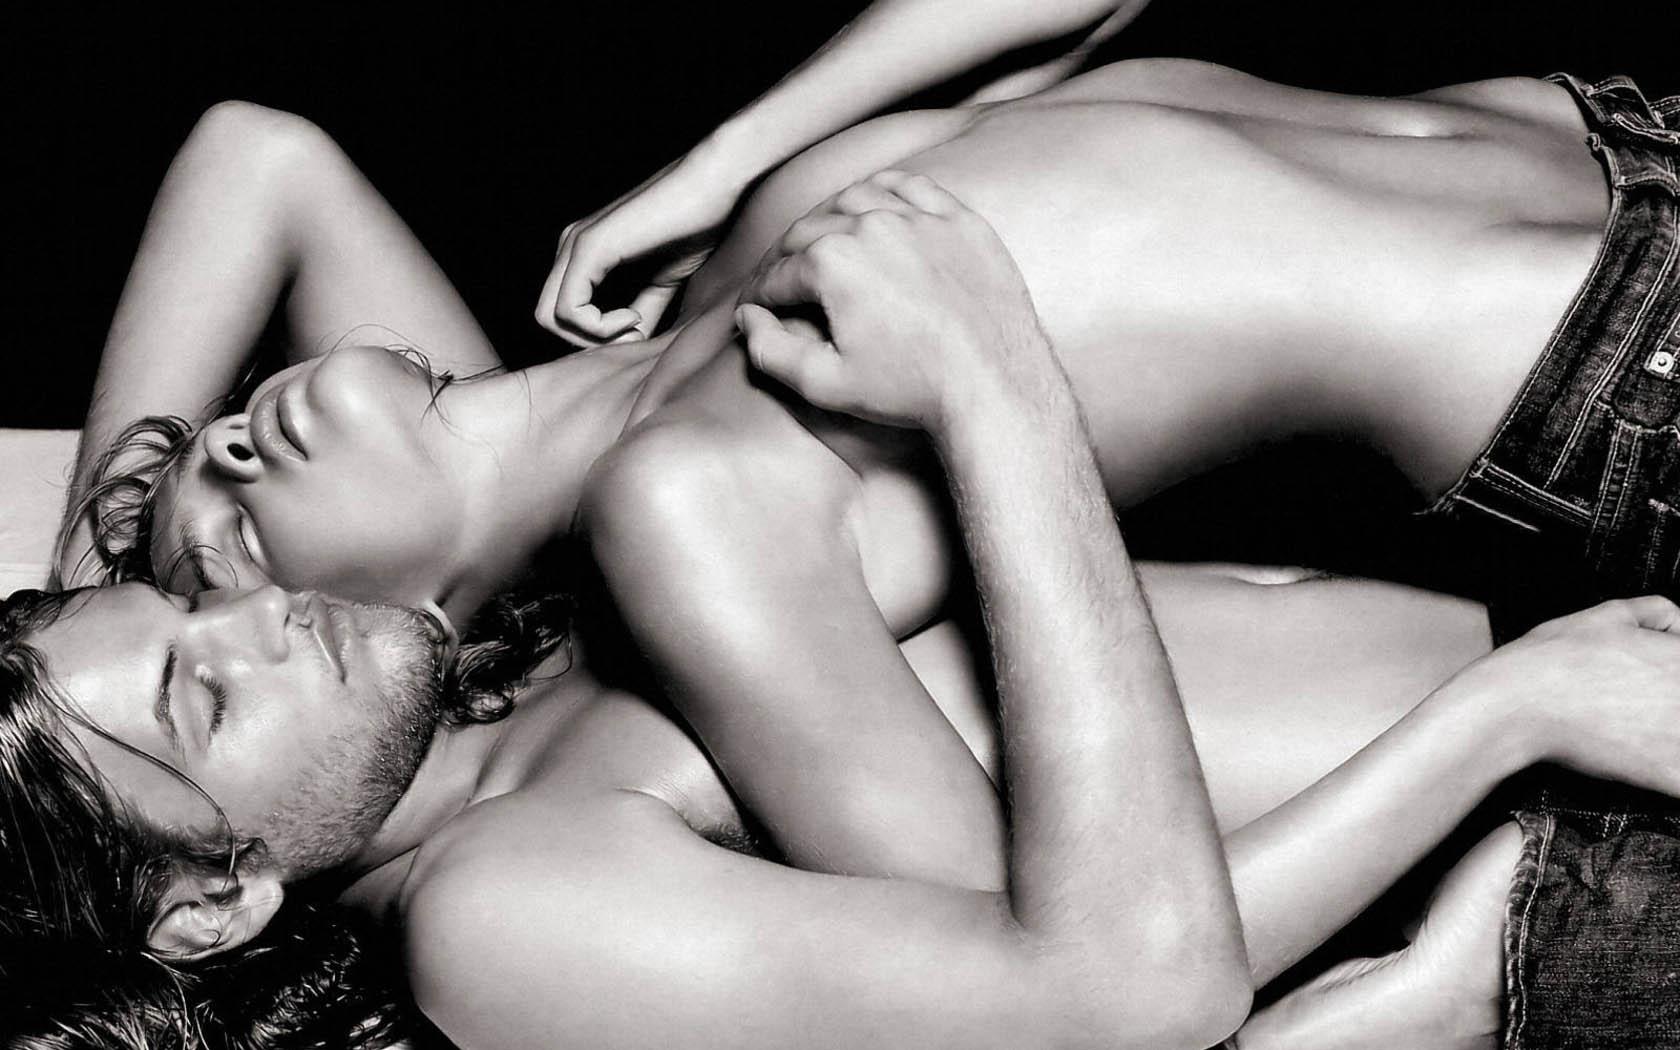 Сексуальная картинка мужчина и женщина 4 фотография